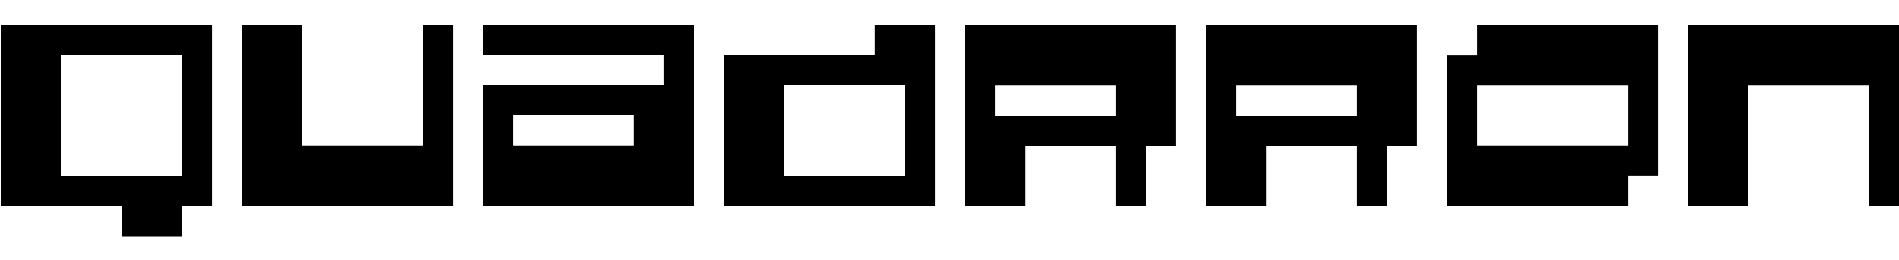 Quadrron